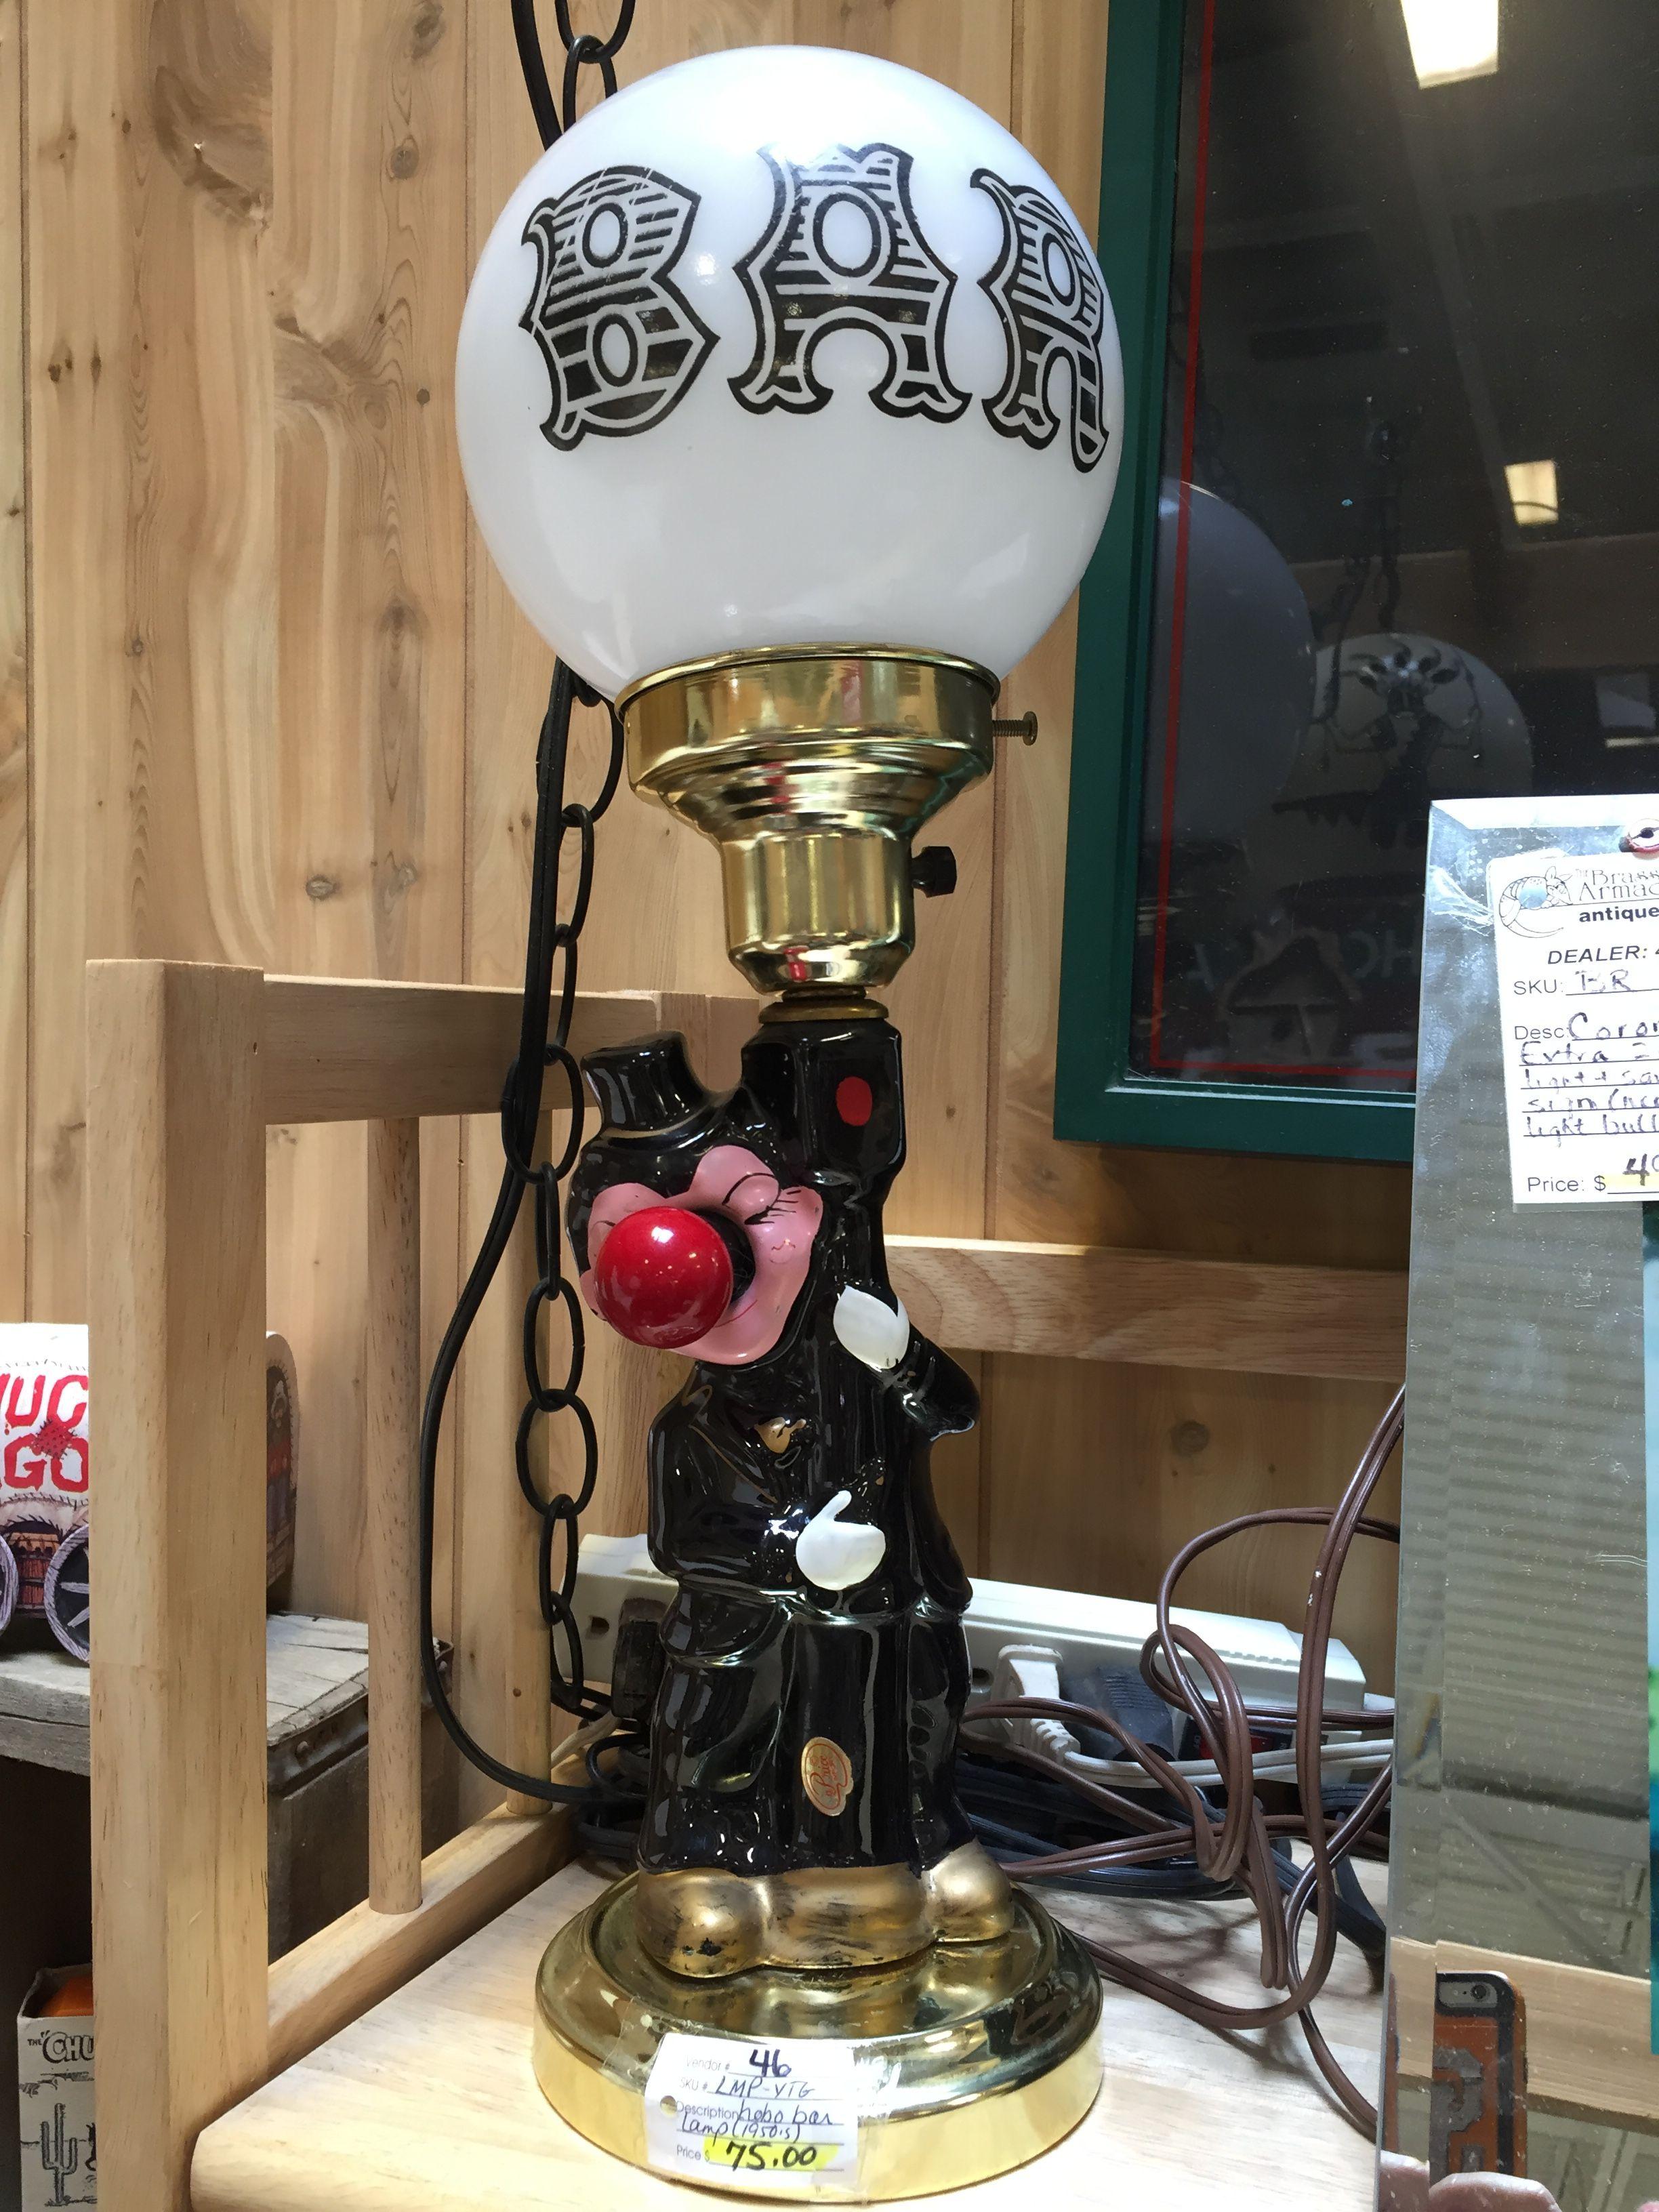 Vintage bar sign lamppost. Red nose lights up too! $75